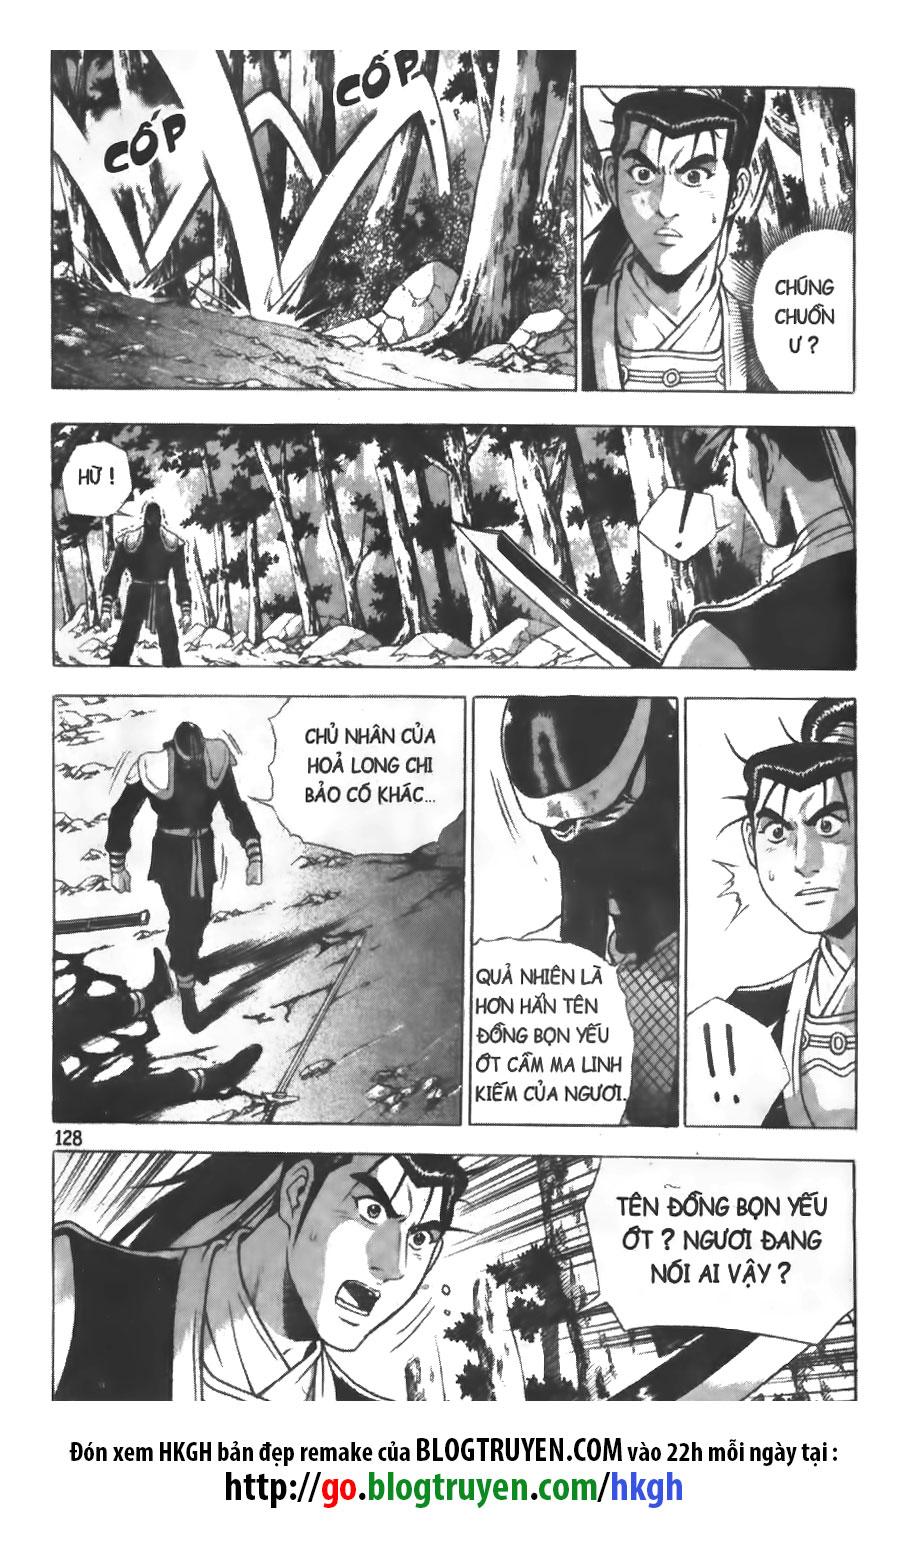 xem truyen moi - Hiệp Khách Giang Hồ Vol35 - Chap 241 - Remake